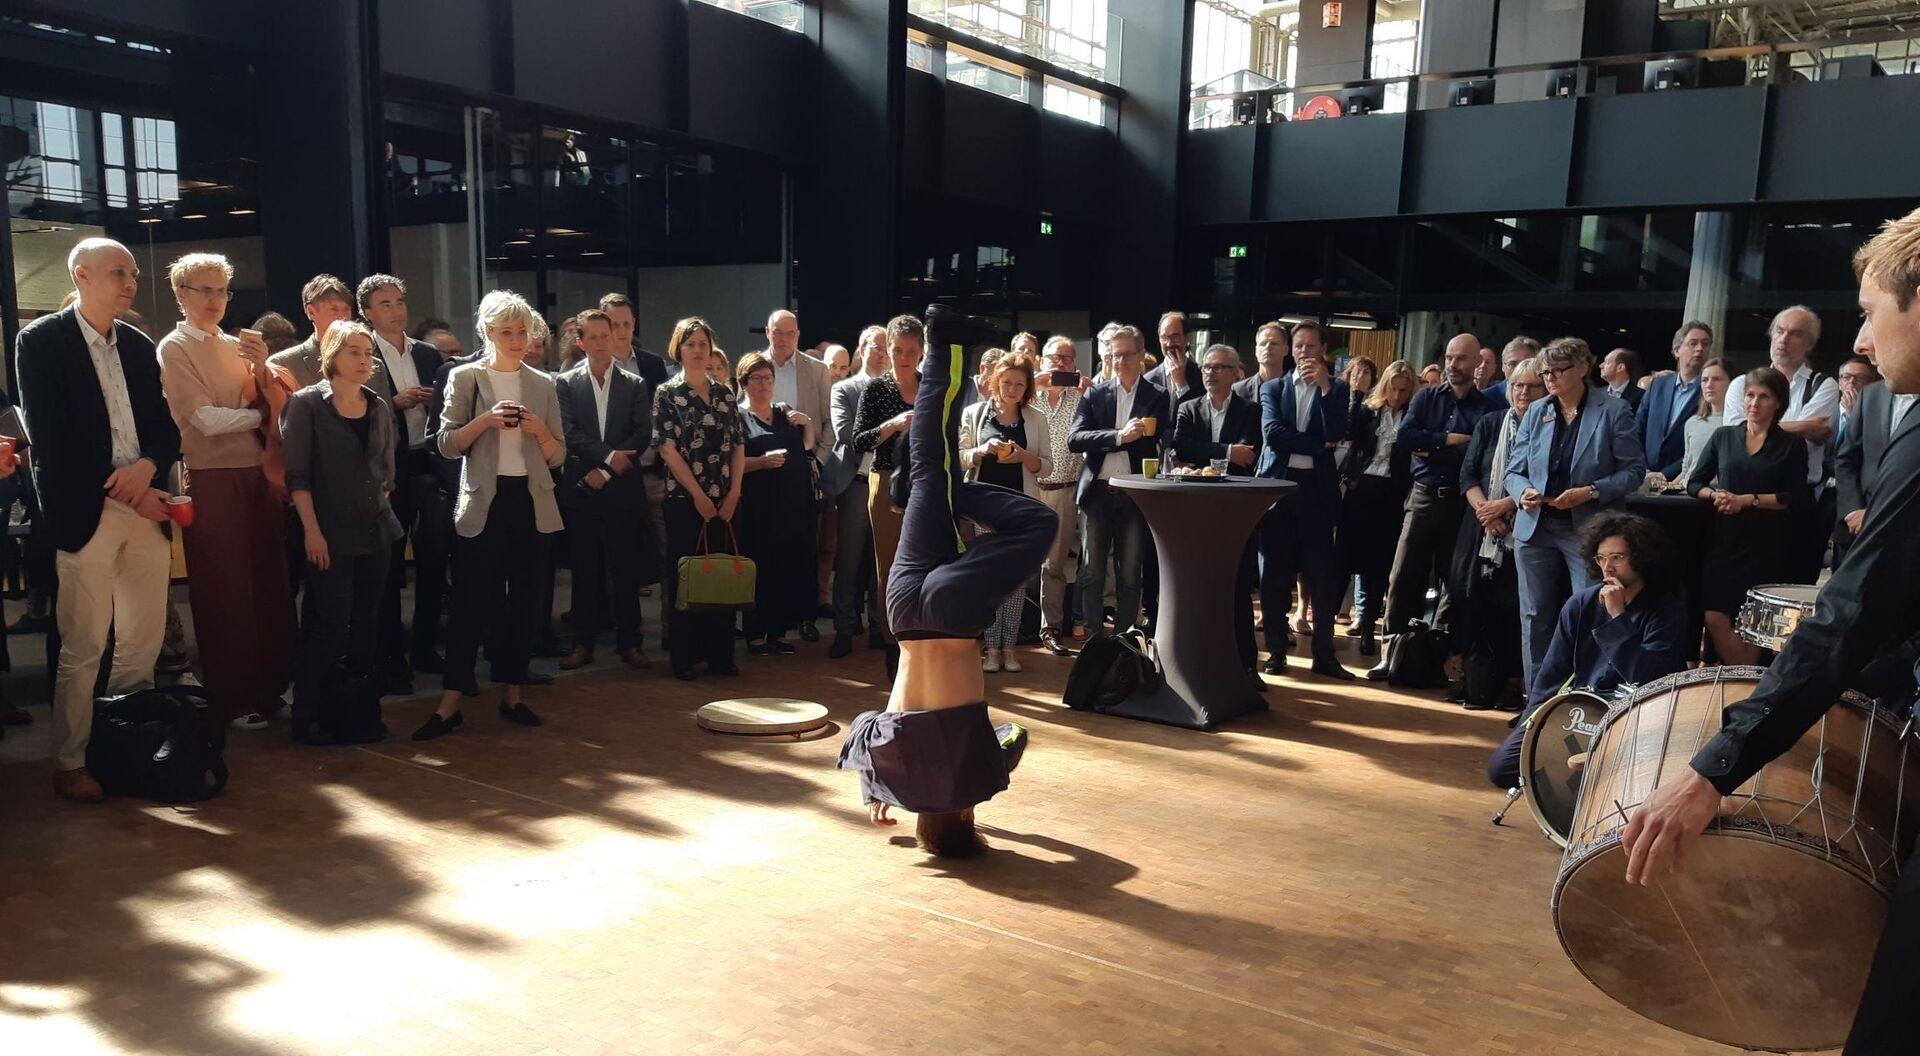 Minister van Engelshoven presenteert uitgangspunten in LocHal